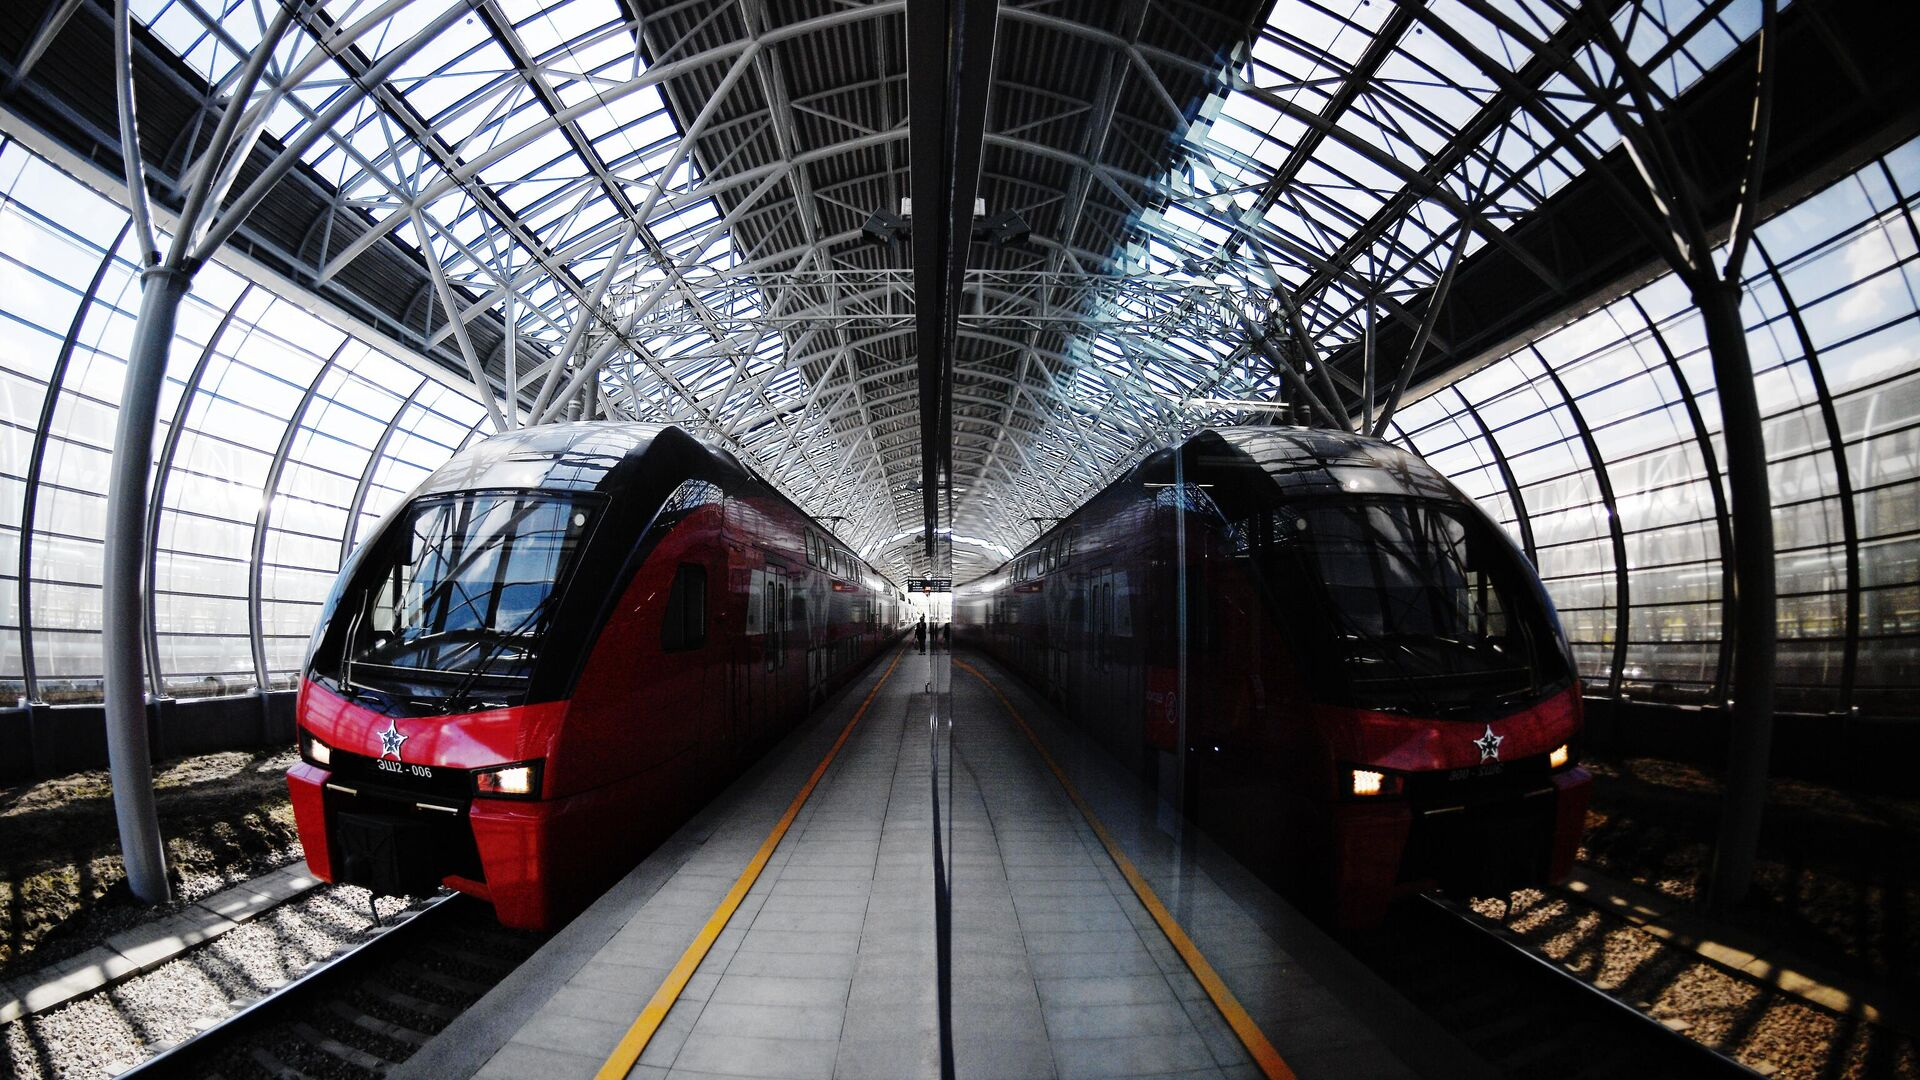 Поезд прибывает на станцию Славянский бульвар линии МЦД-1 - РИА Новости, 1920, 13.08.2020